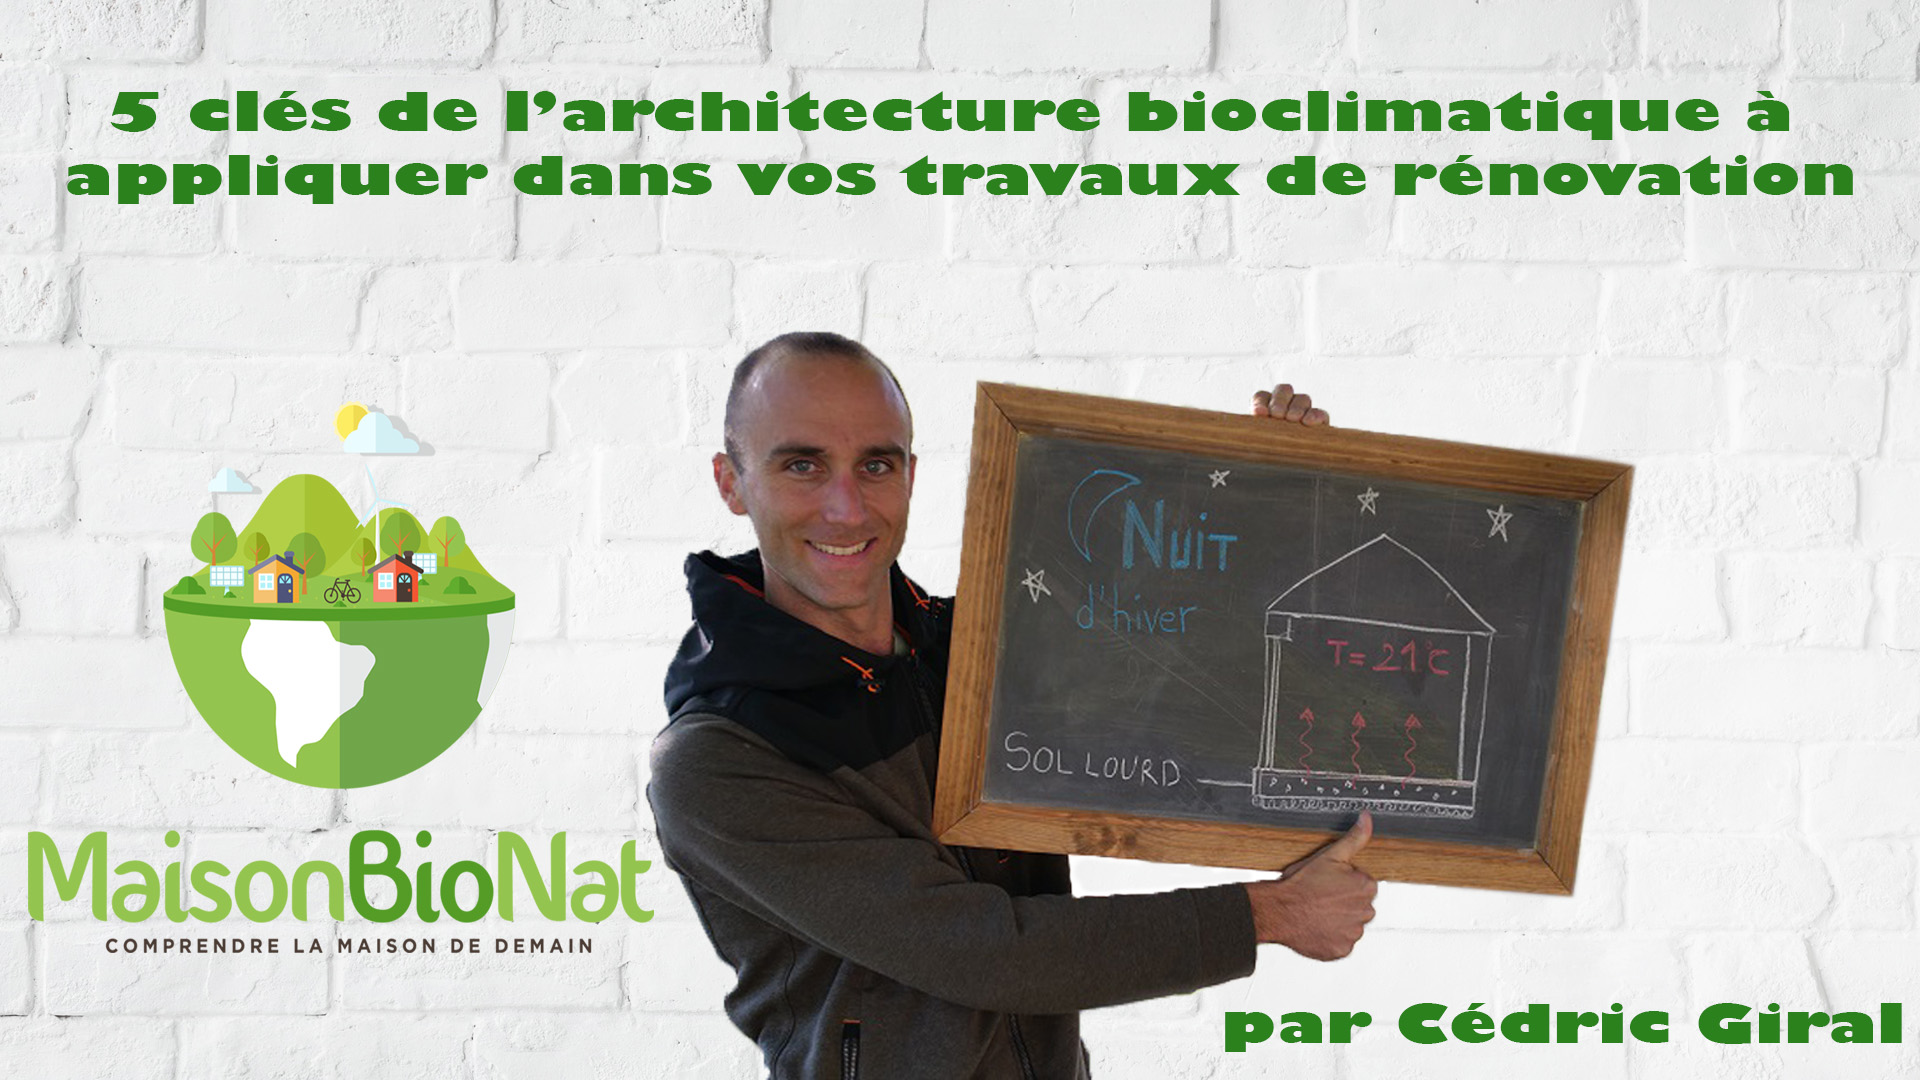 5 clés de l'architecture bioclimatique à appliquer dans vos travaux de rénovation